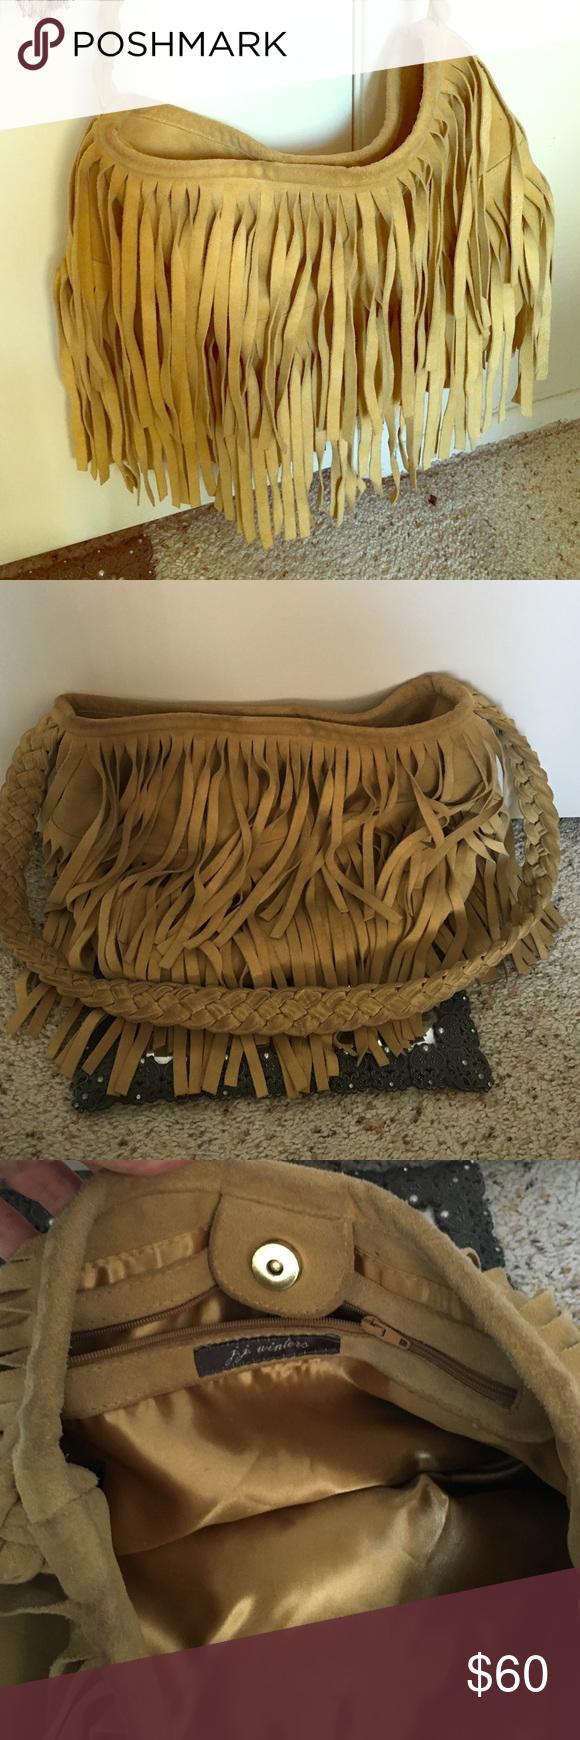 Amazing fringe bag by JJ winters Cross body fringe bag JJ winters Bags Crossbody Bags